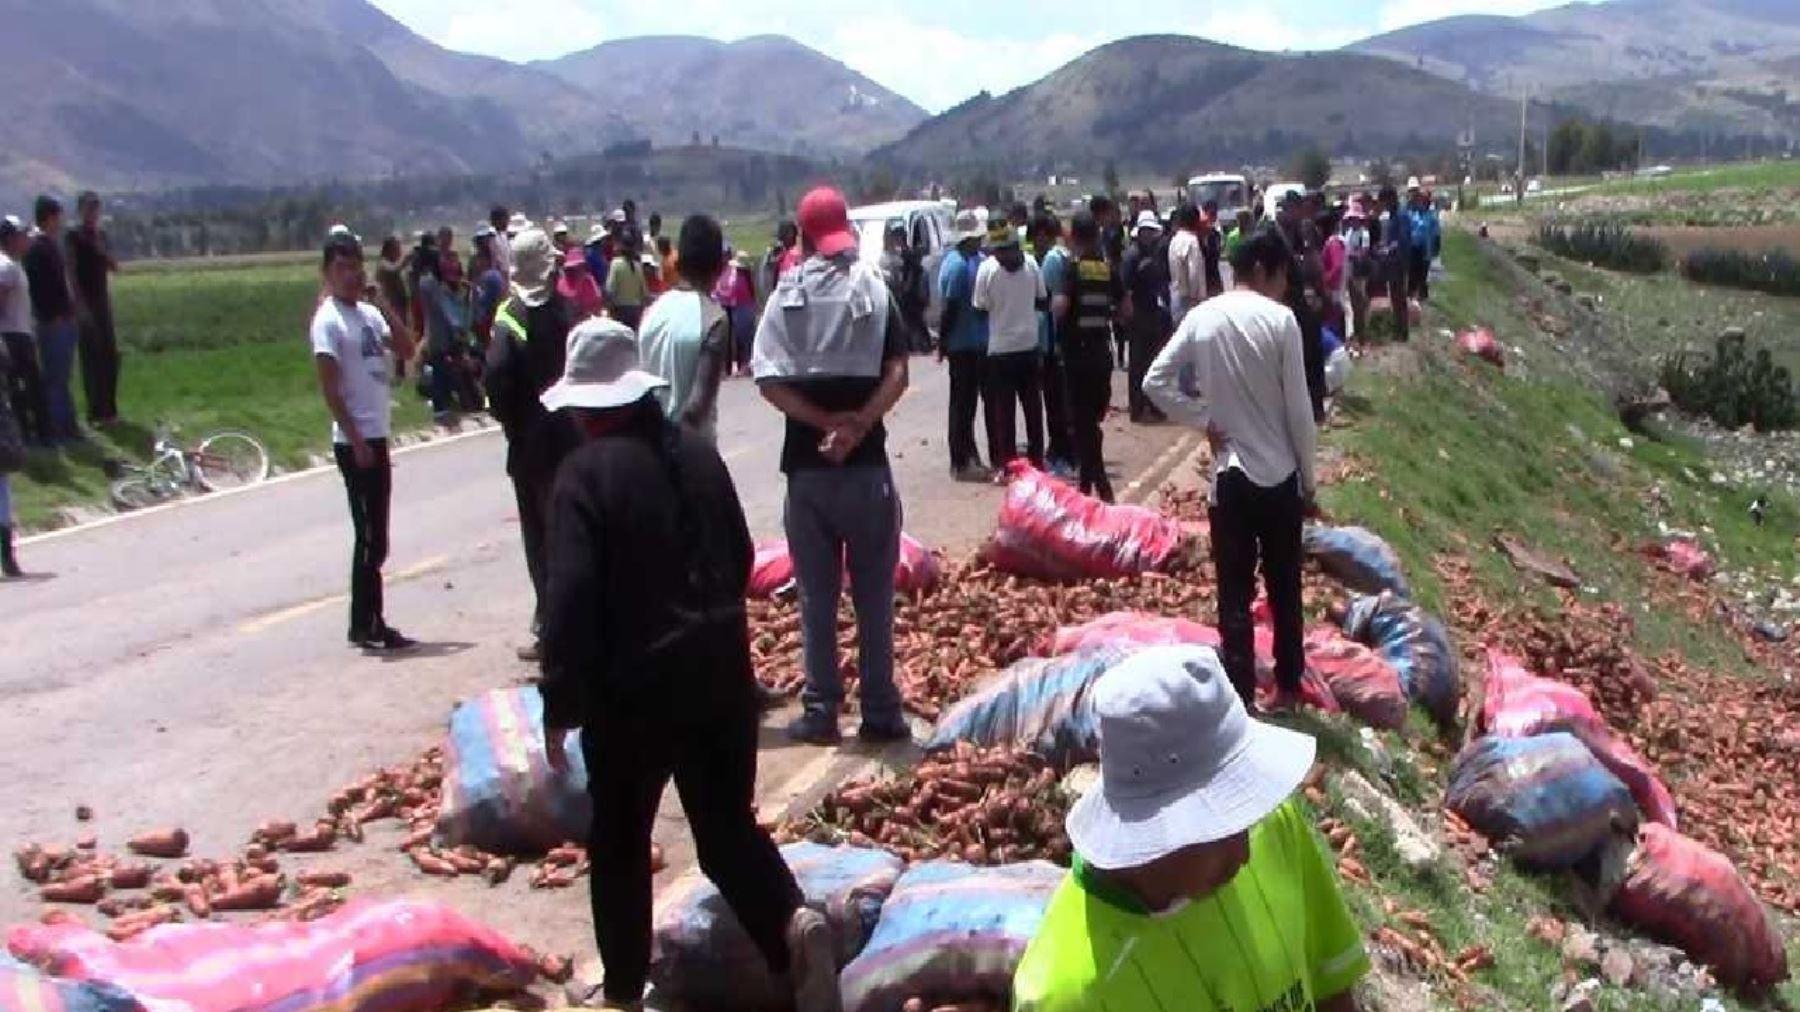 El vehículo A8H-846 se dirigía a un lavadero con cien sacos de zanahoria y en la tolva viajaban 13 personas, entre ellos tres menores de edad,